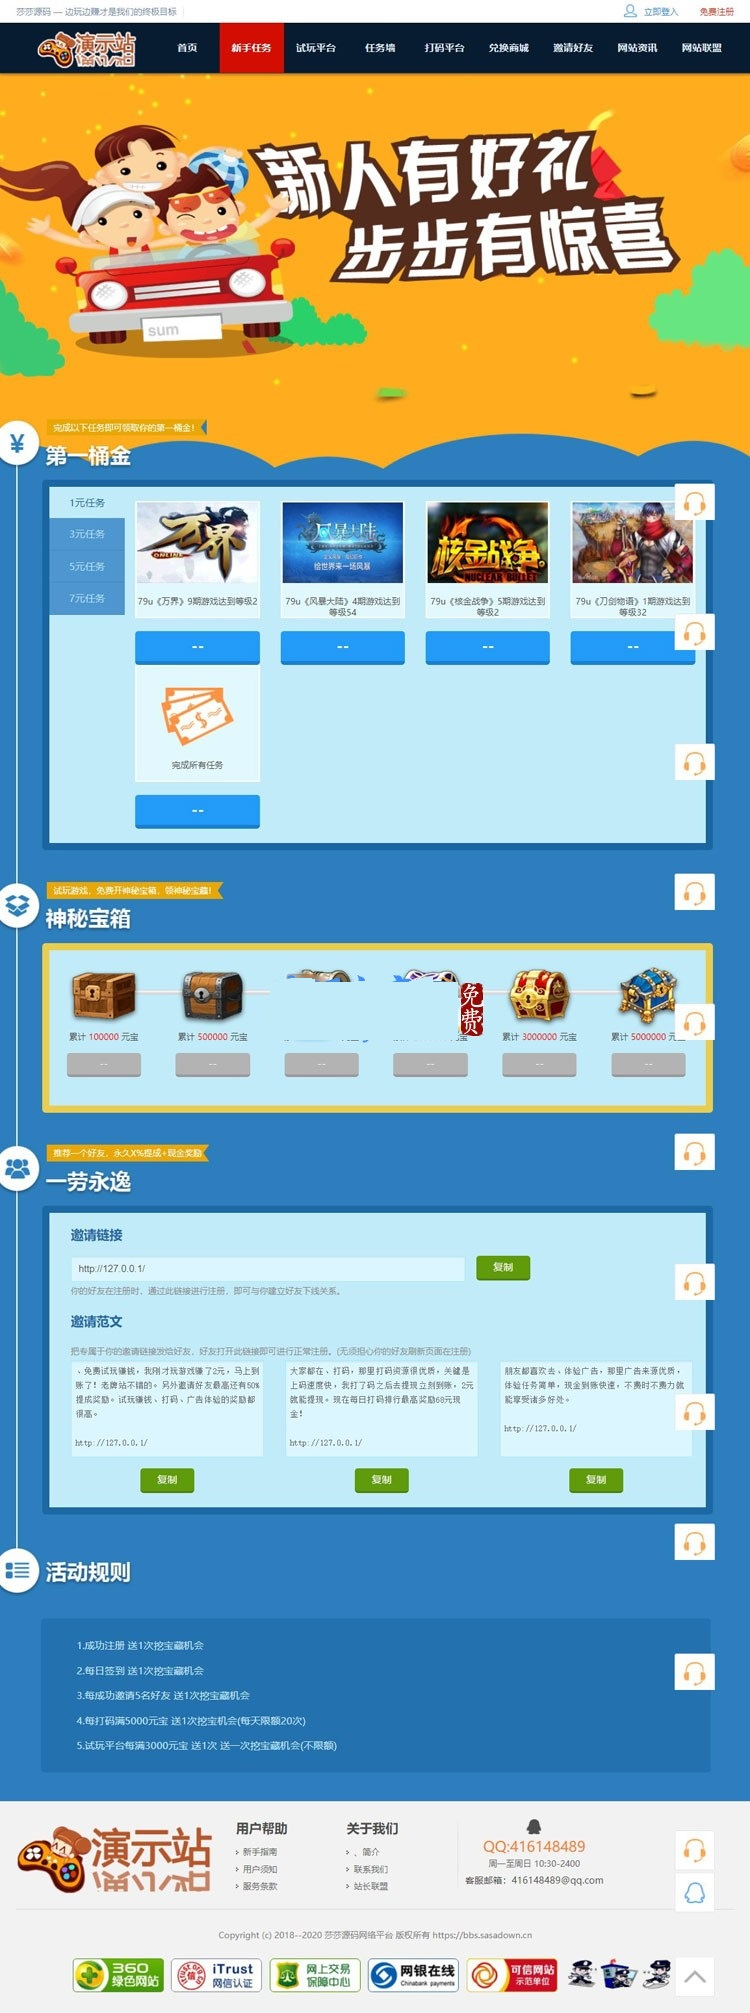 图片[1]-[精品热门] 最新游戏试玩站打码赚钱平台系统,YII内核开发可运行的任务网源码